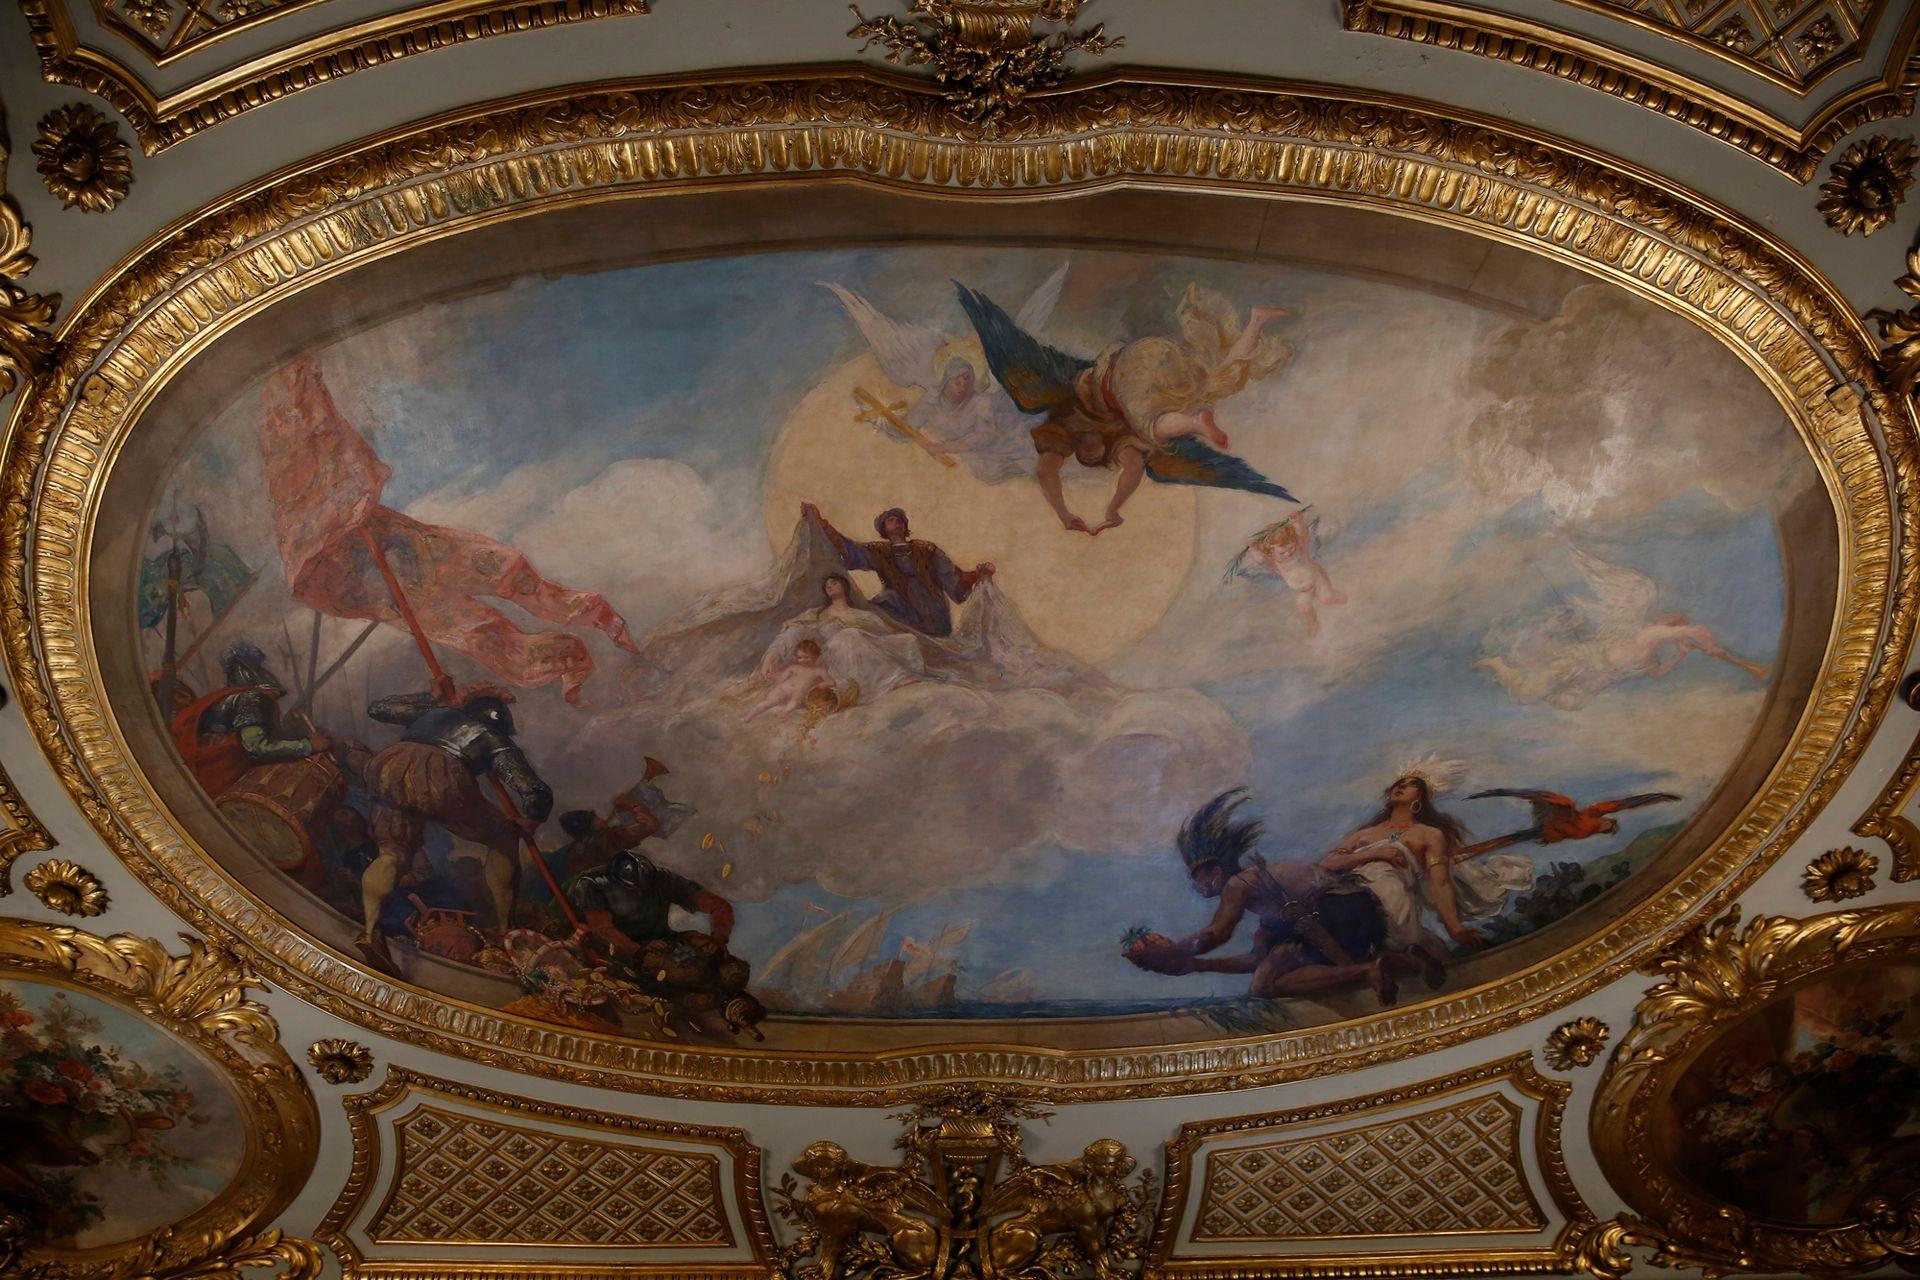 El salón dorado es el más opulento del Palacio y su estilo es neobarroco